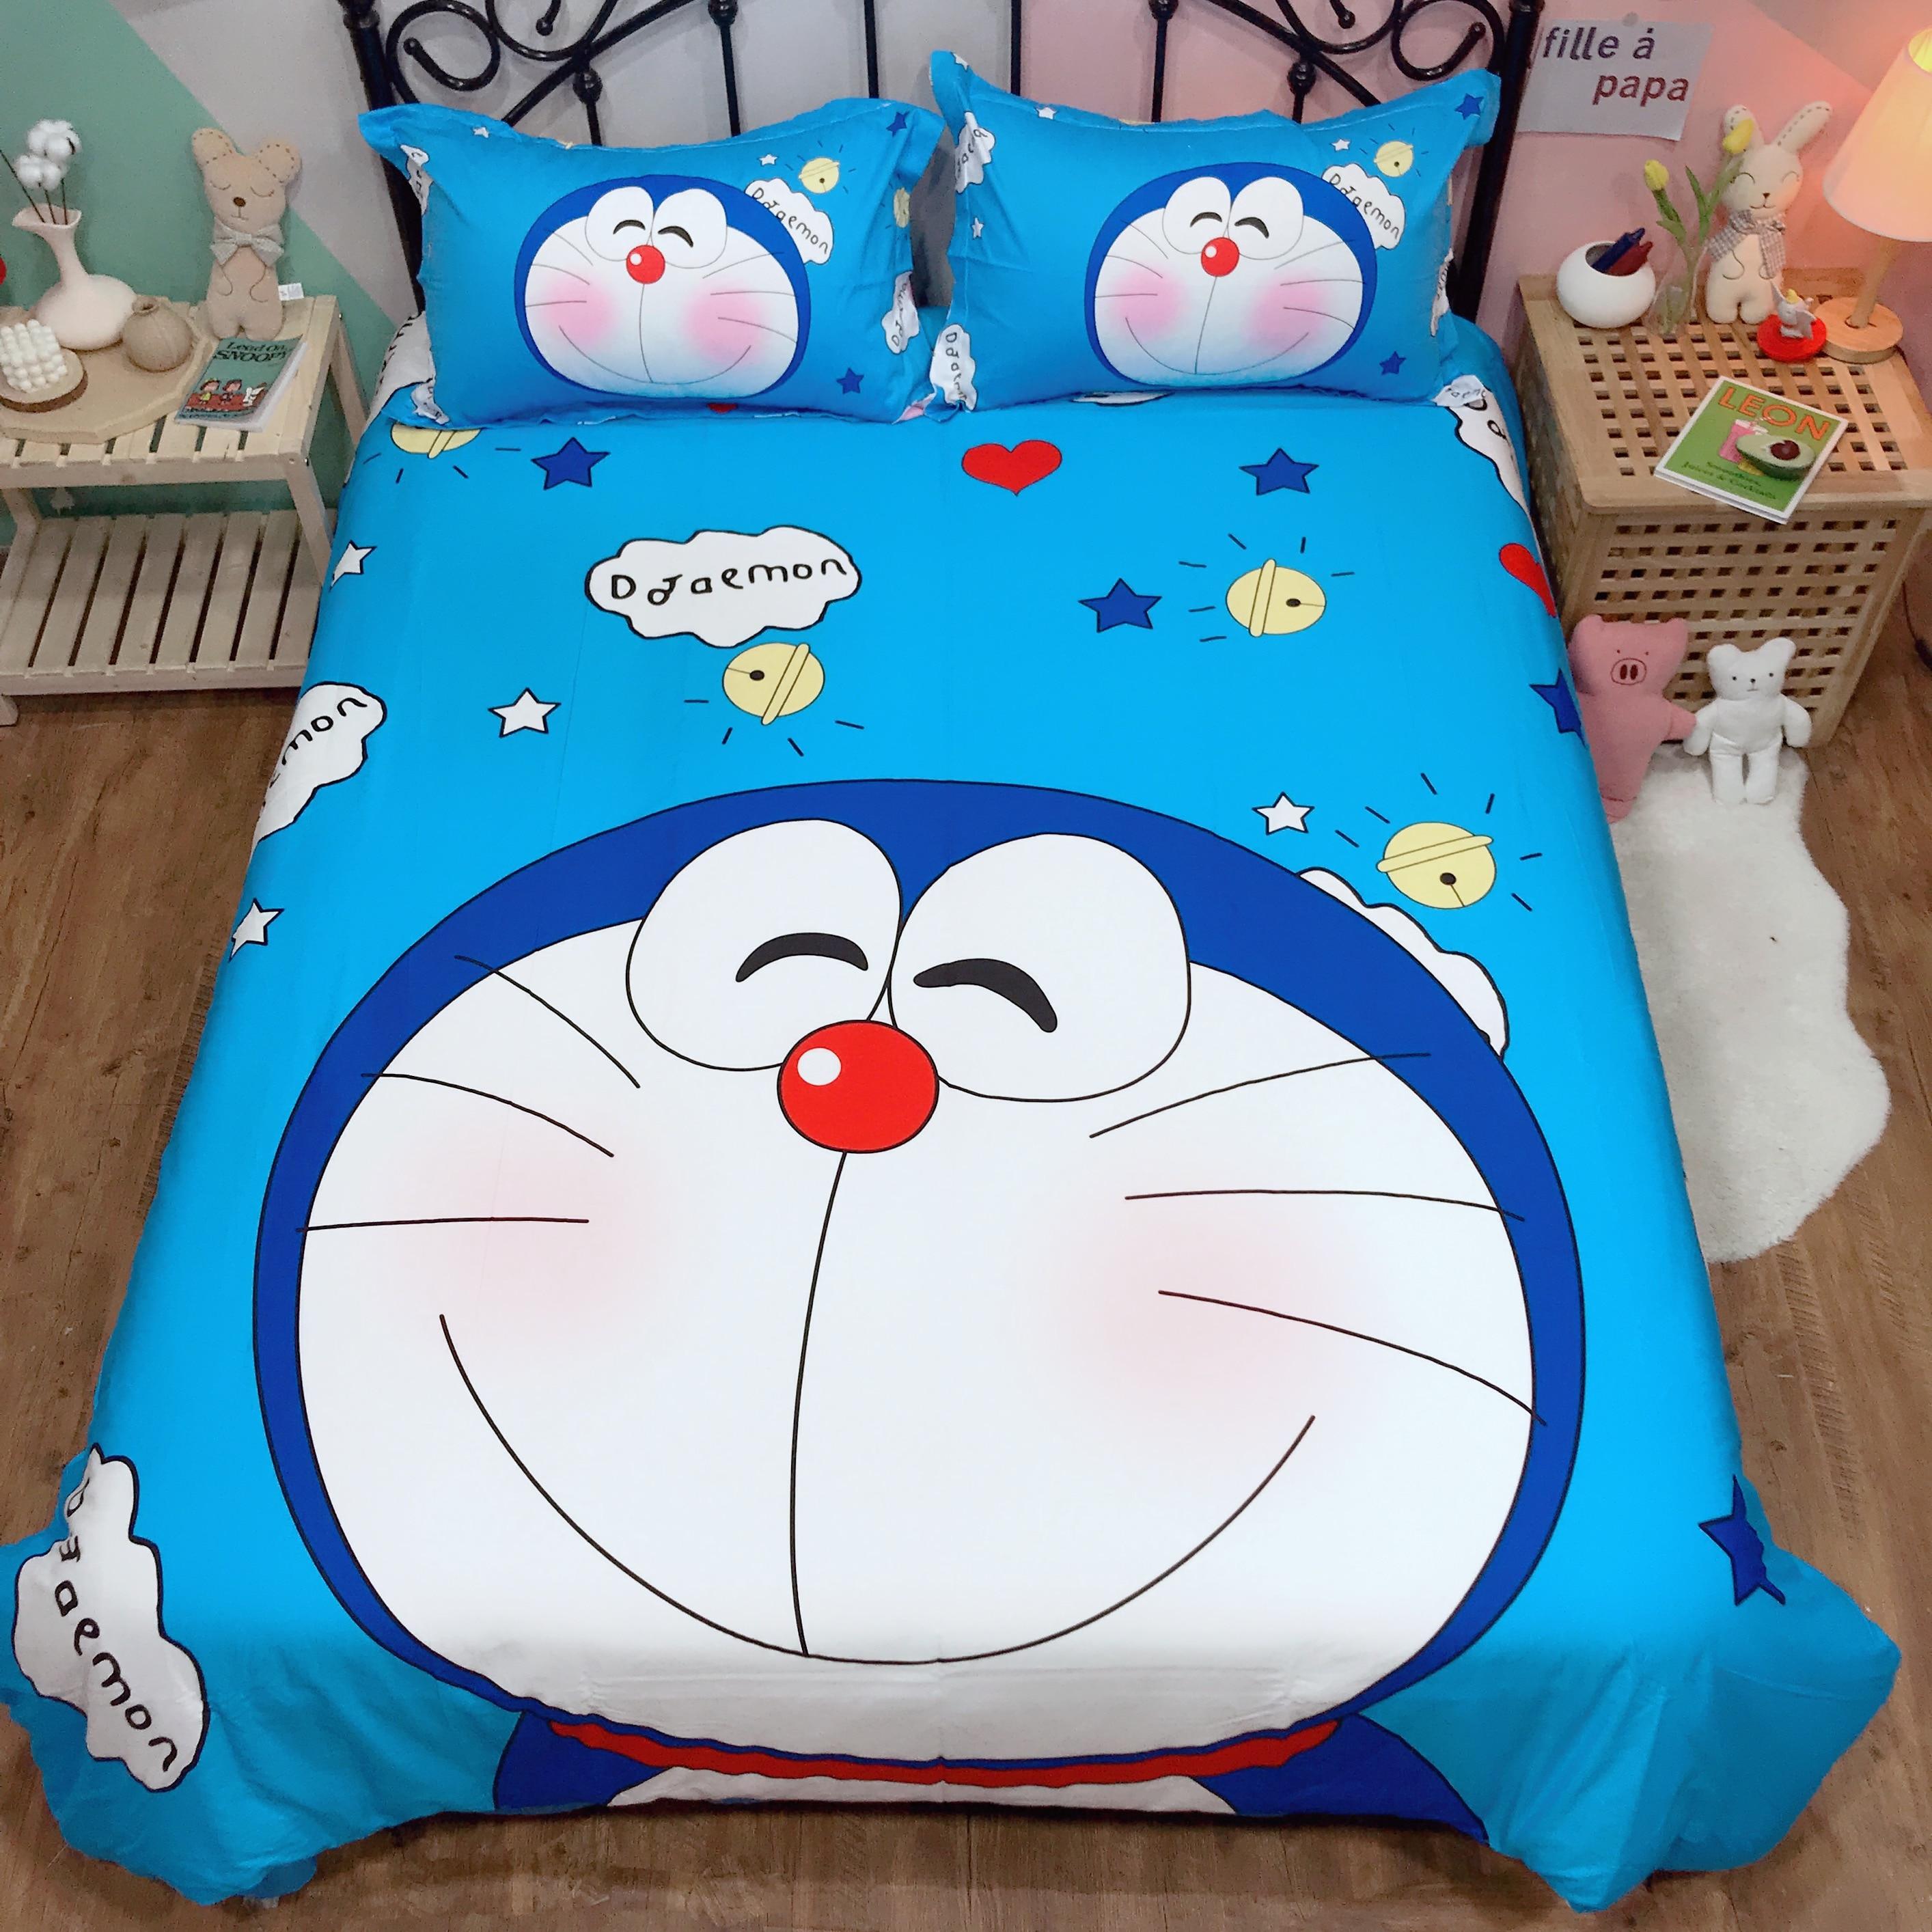 Luxury Bedding Set Doraemon Kids Boys Pure Cotton Quilt Cover Twin